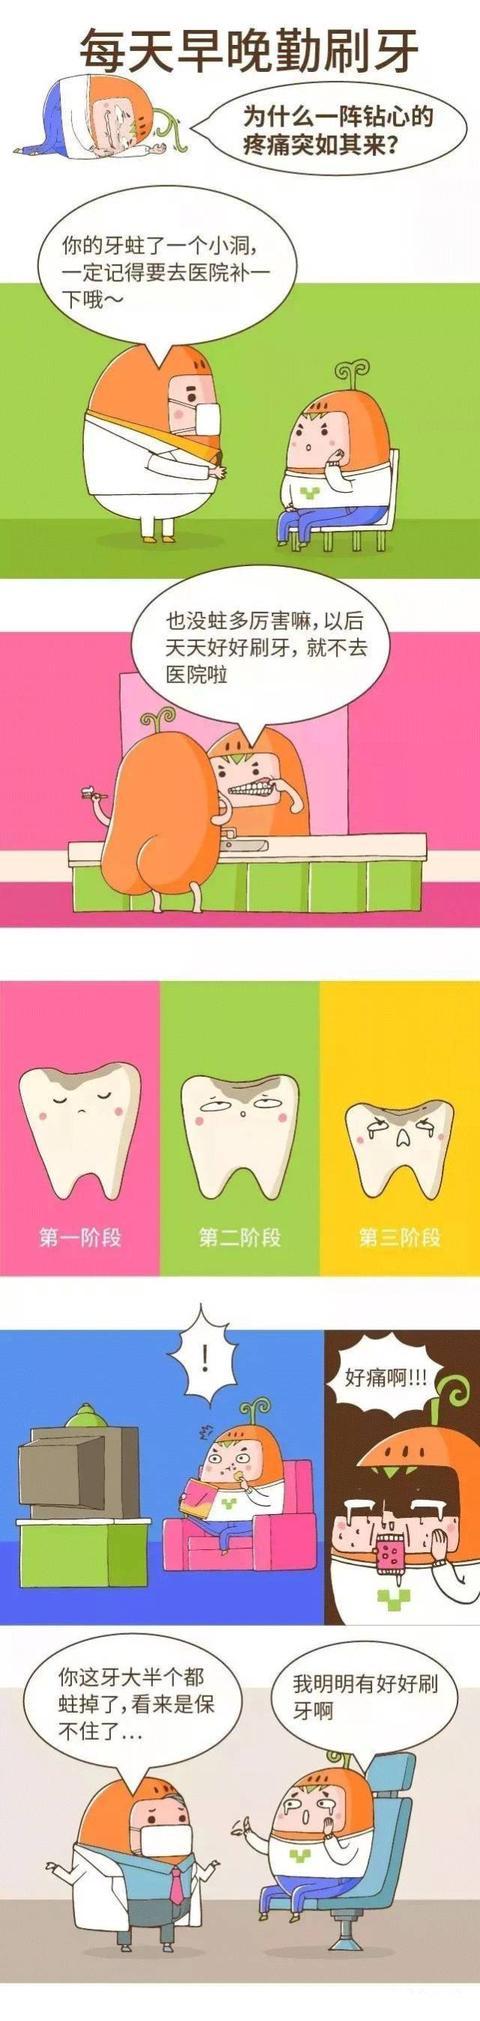 「卡通牙疼」图片素材下载-卡通牙疼图片大全-千图网-千图网